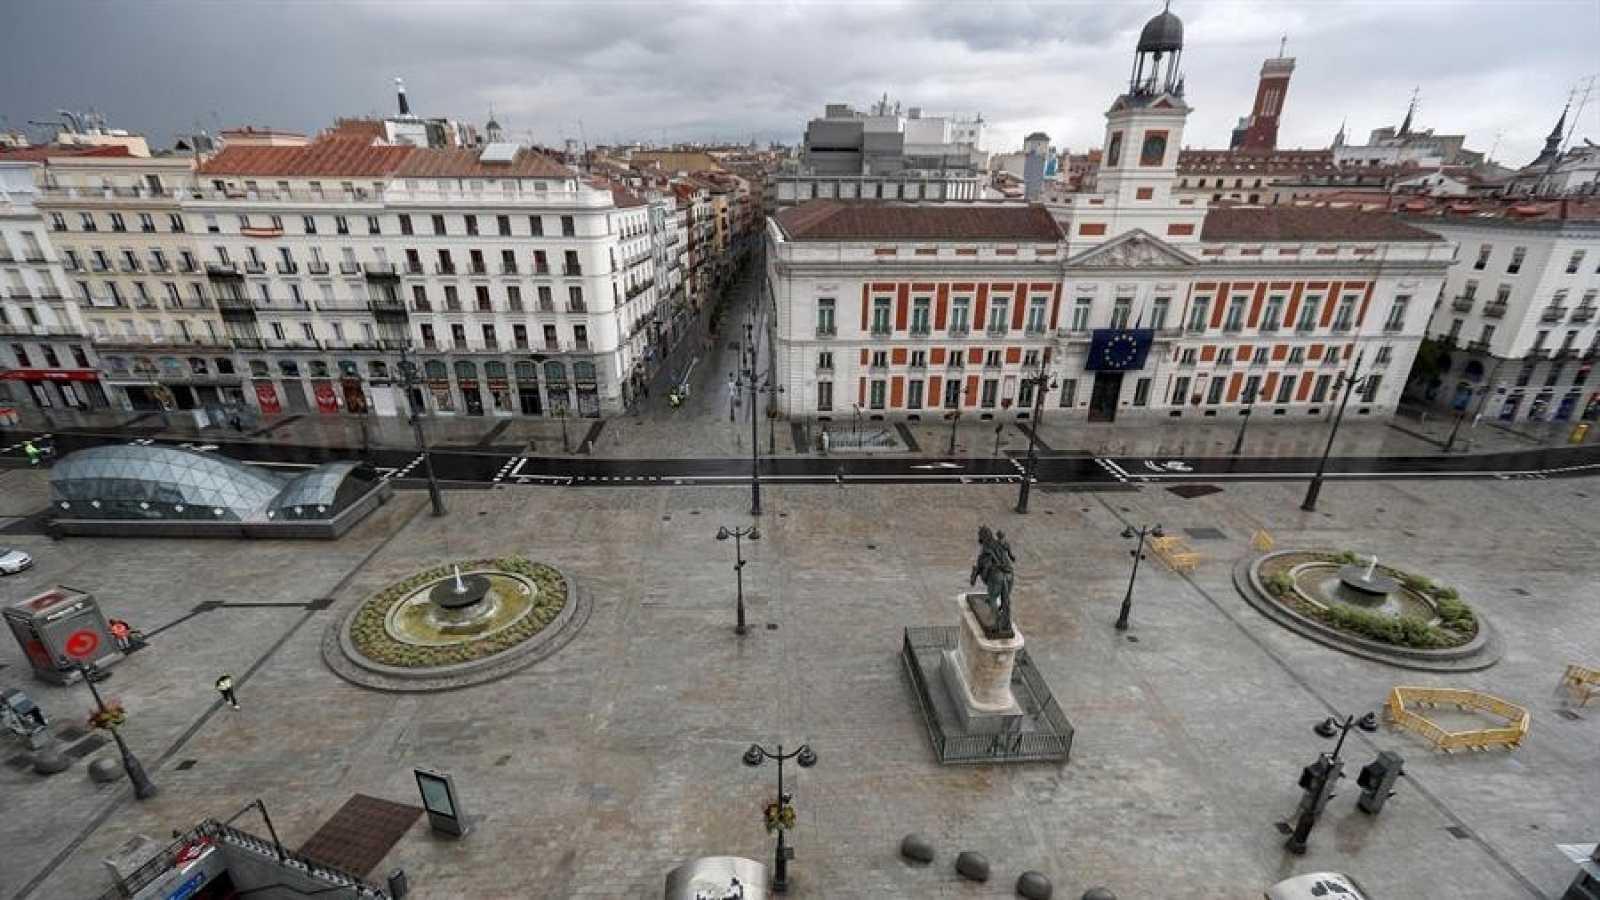 Vista de la Plaza del Sol vacía, lugar donde se inició hace 9 años el movimiento político-social del 15M.